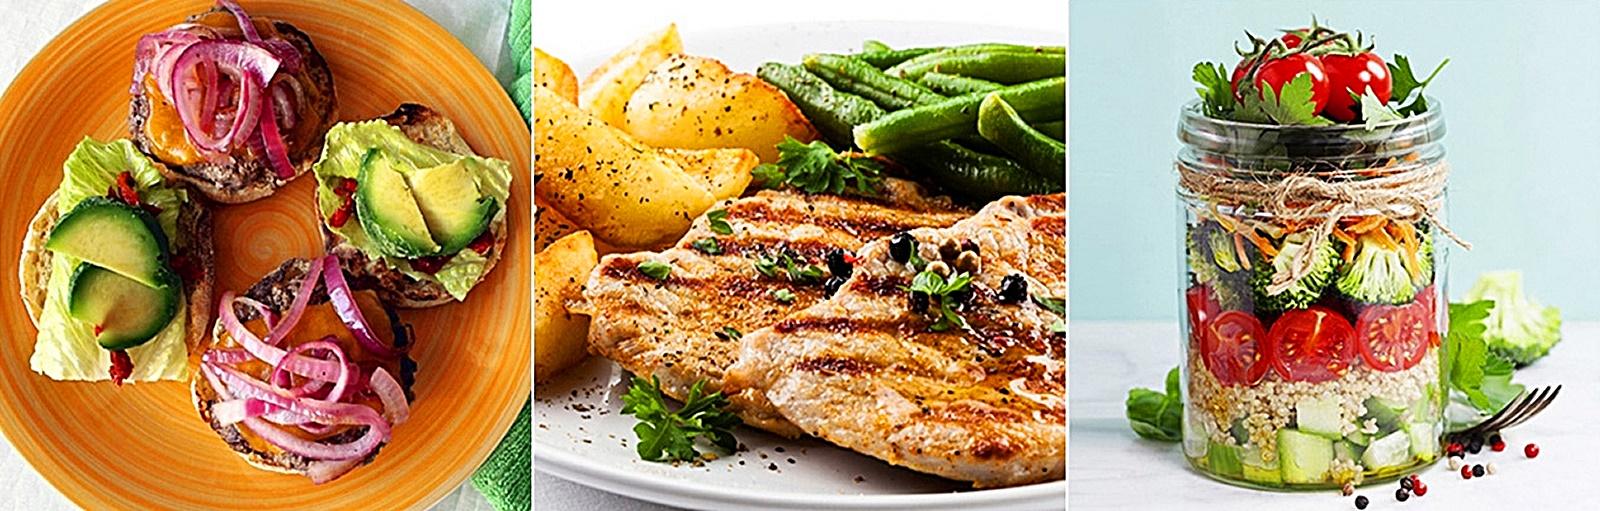 두부 닭가슴살 스테이크 요리 3가지